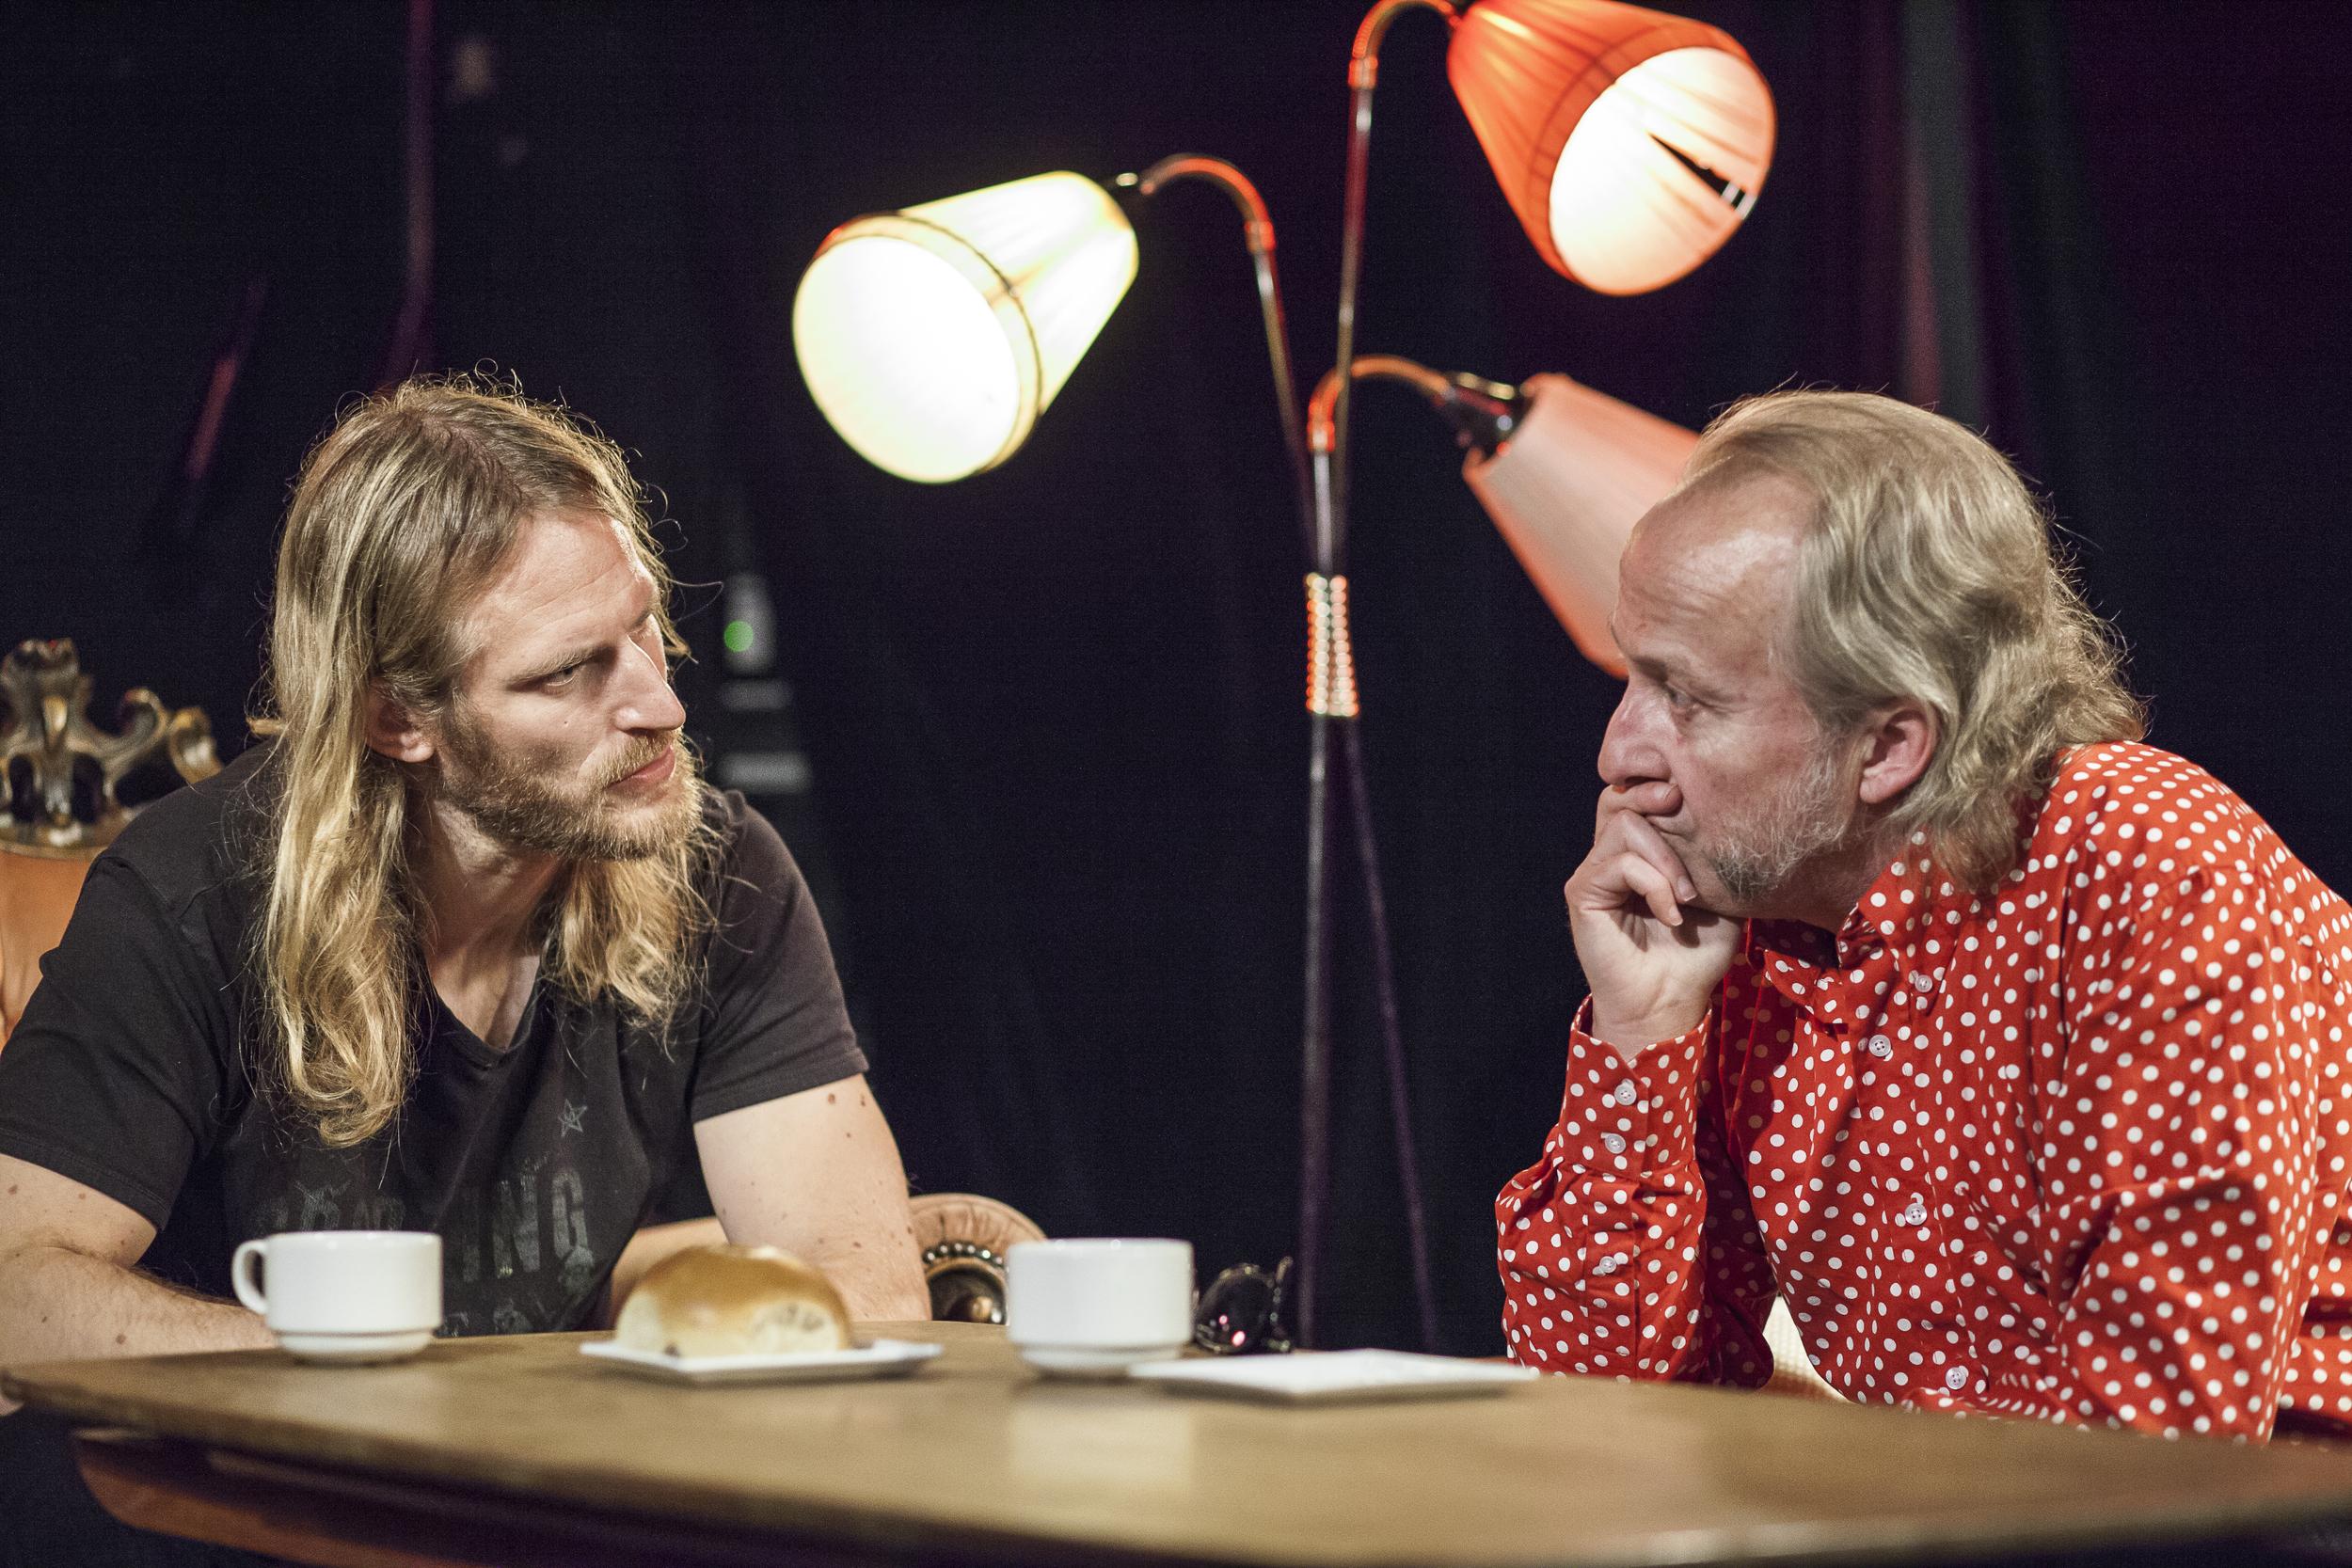 Foto: Håvard Krogedal